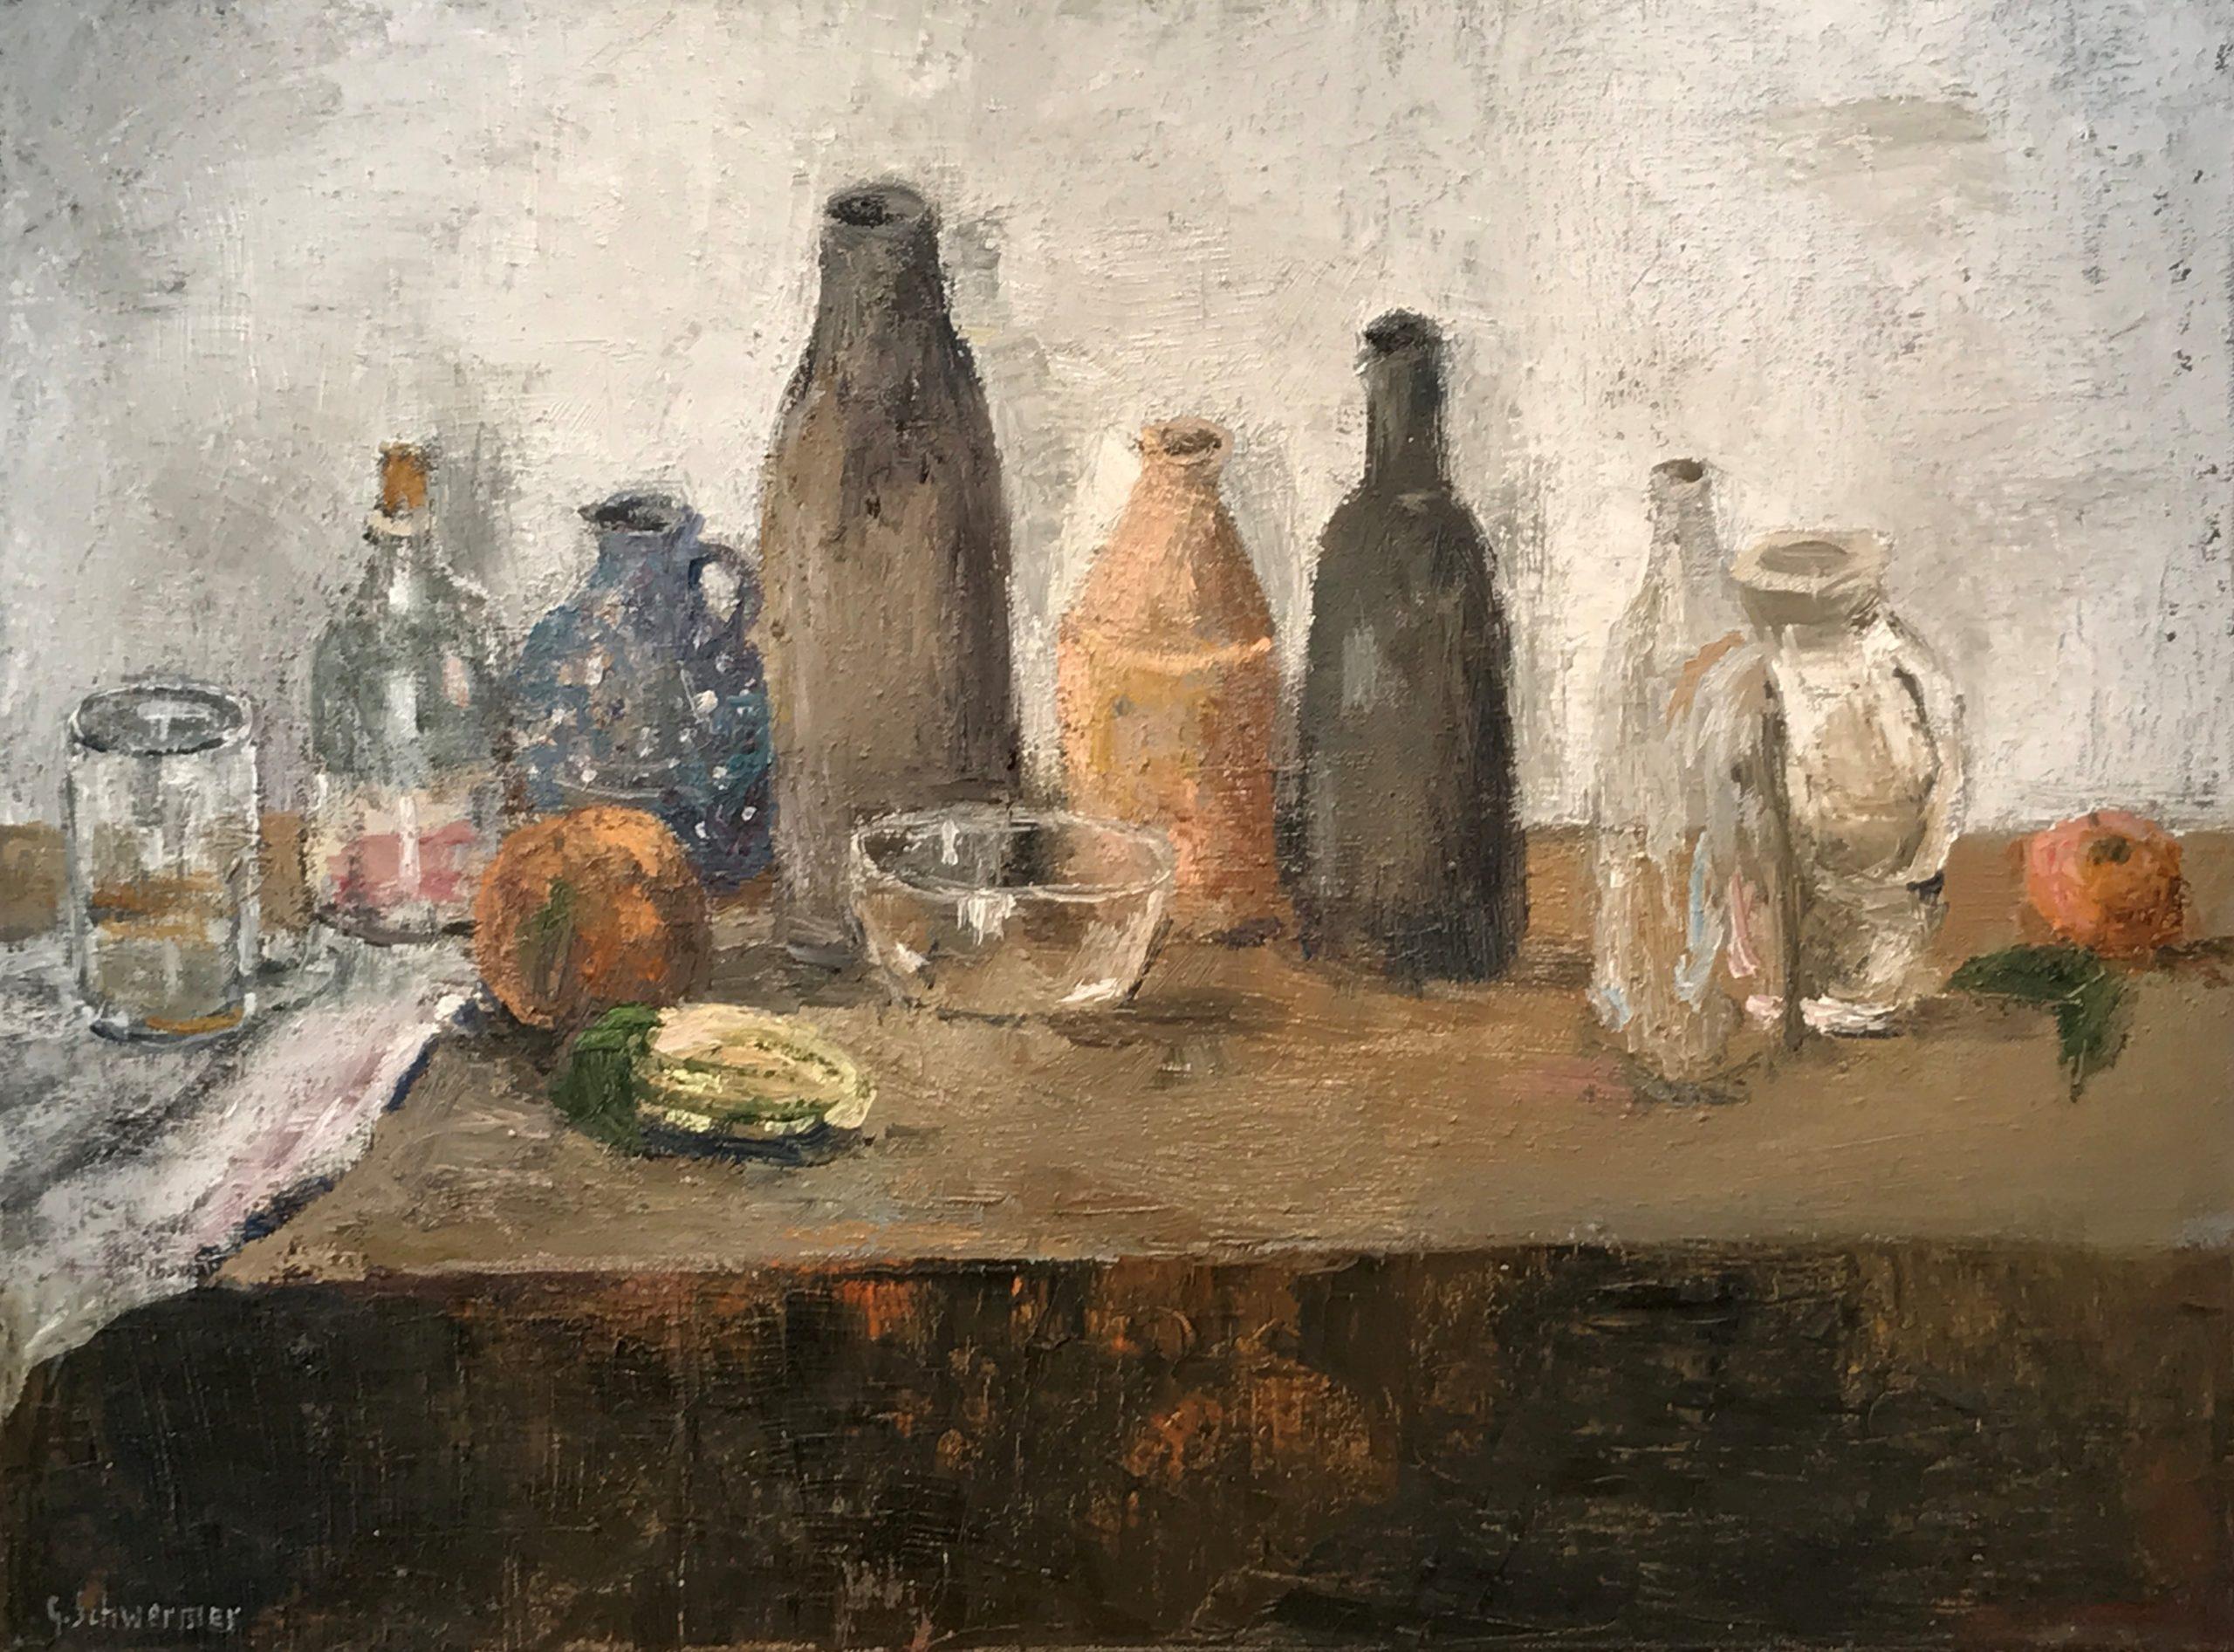 Gebhard Schwermer │Stillleben mit Flaschen und Früchten │Öl auf Leinwand │45 x 60 cm │o.J.